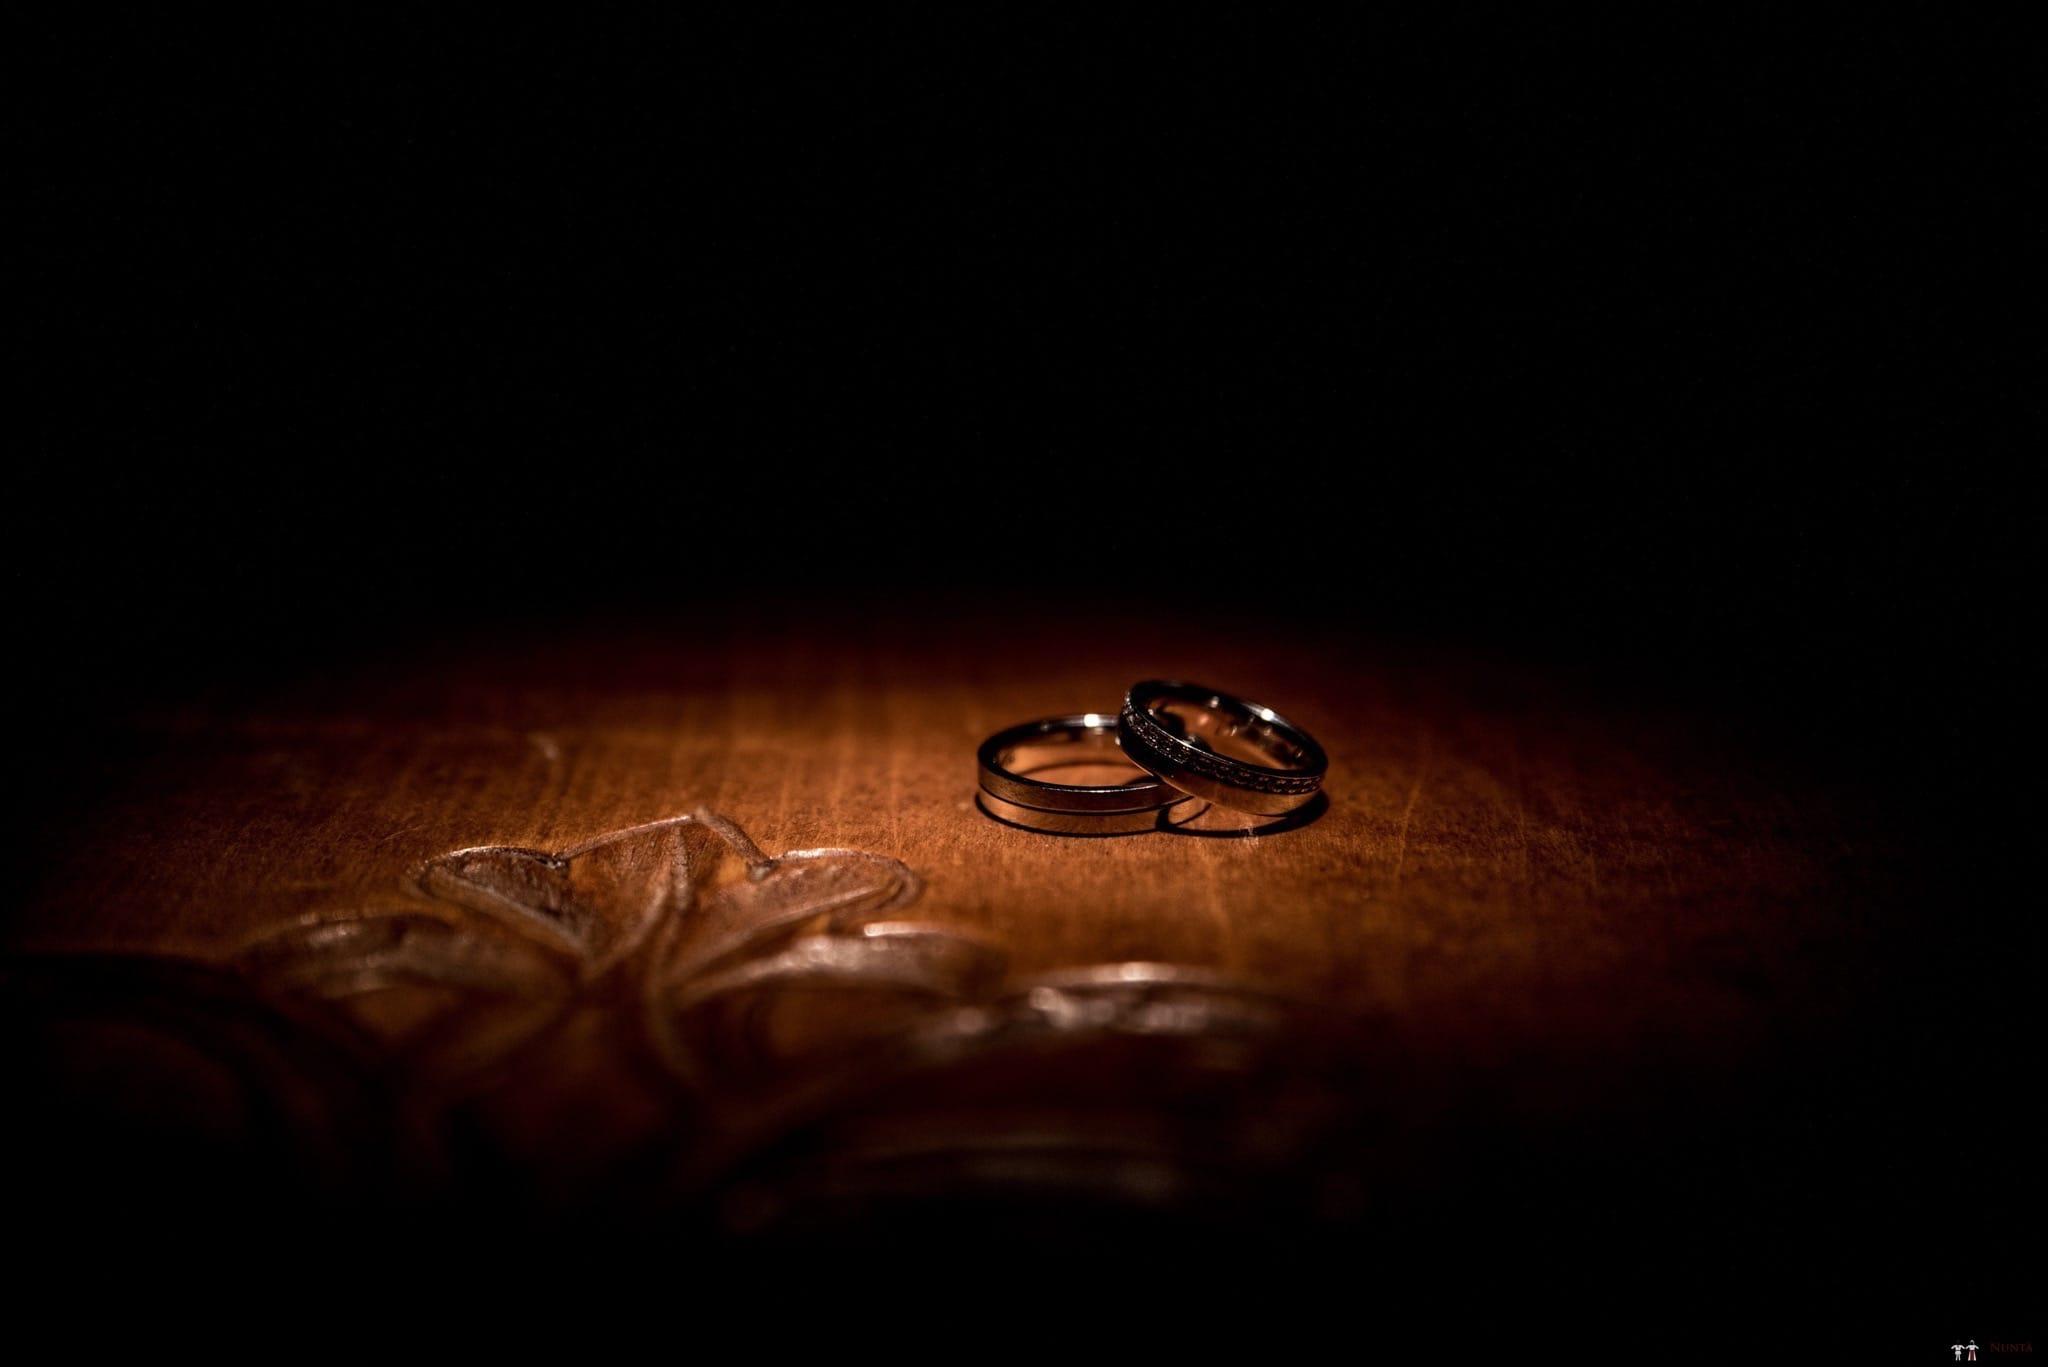 Povești Nunți Tradiționale - Irina și Alexandru, nuntă în Câmpulung Moldovenesc, Suceava